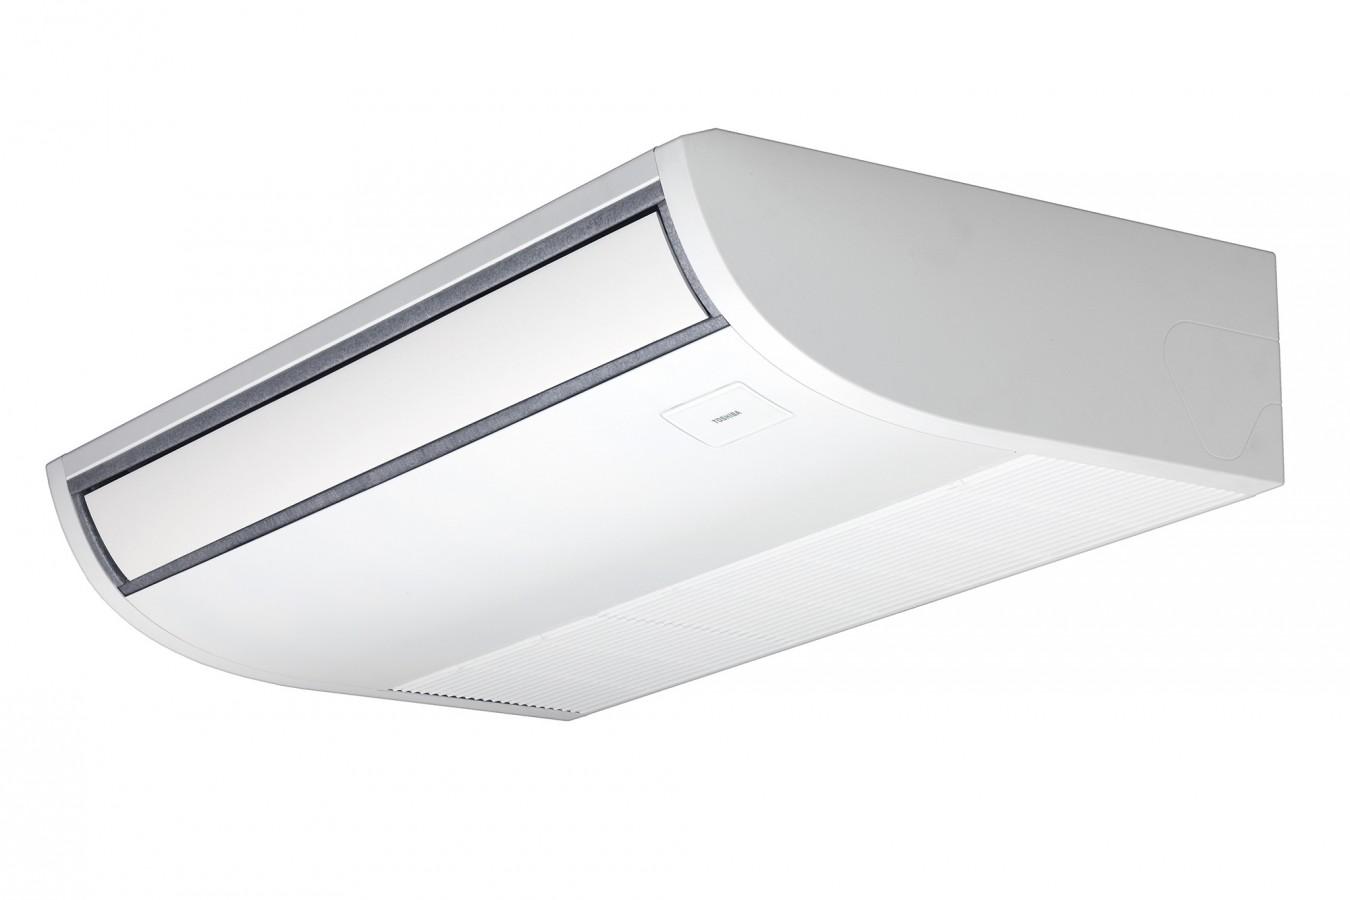 Klimatizace FUJITSU a TOSHIBA - dokonalé ochlazení místnosti v letních dnech - prodej